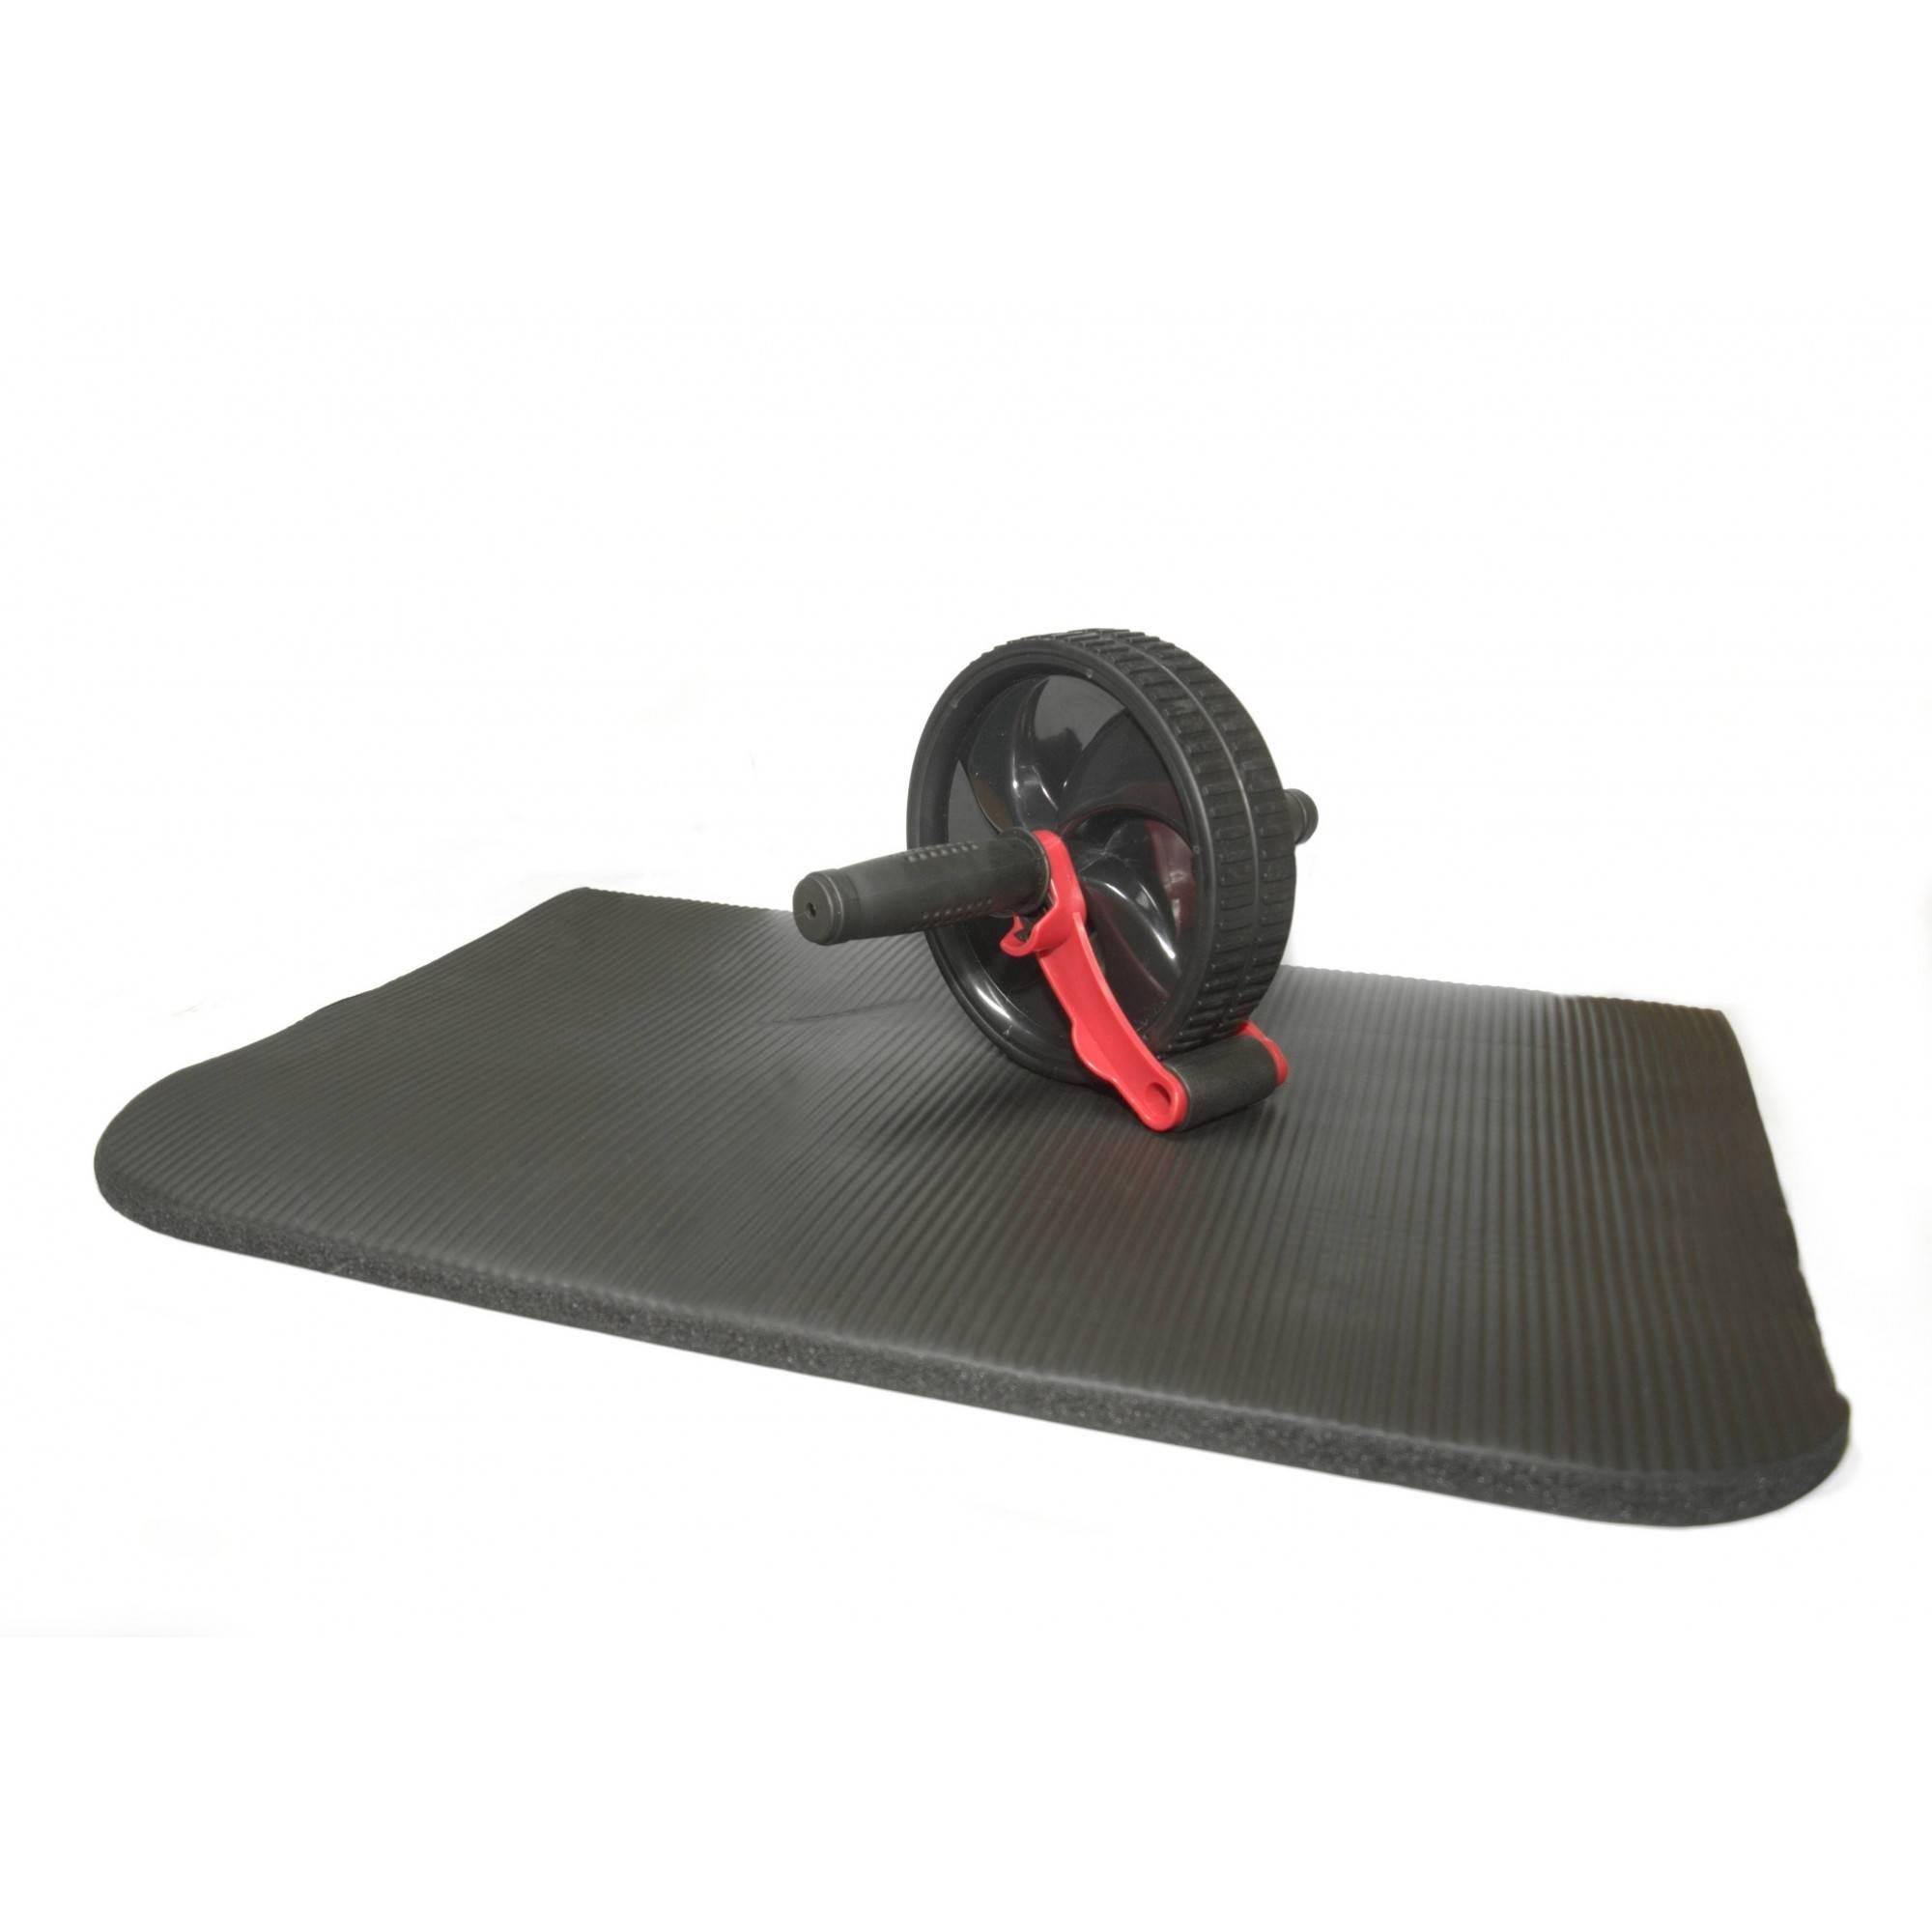 Kółko do ćwiczeń mięśni brzucha z matą STAYER SPORT około 60 x 30 x 1,5 cm,producent: Stayer Sport, zdjecie photo: 1 | online sh